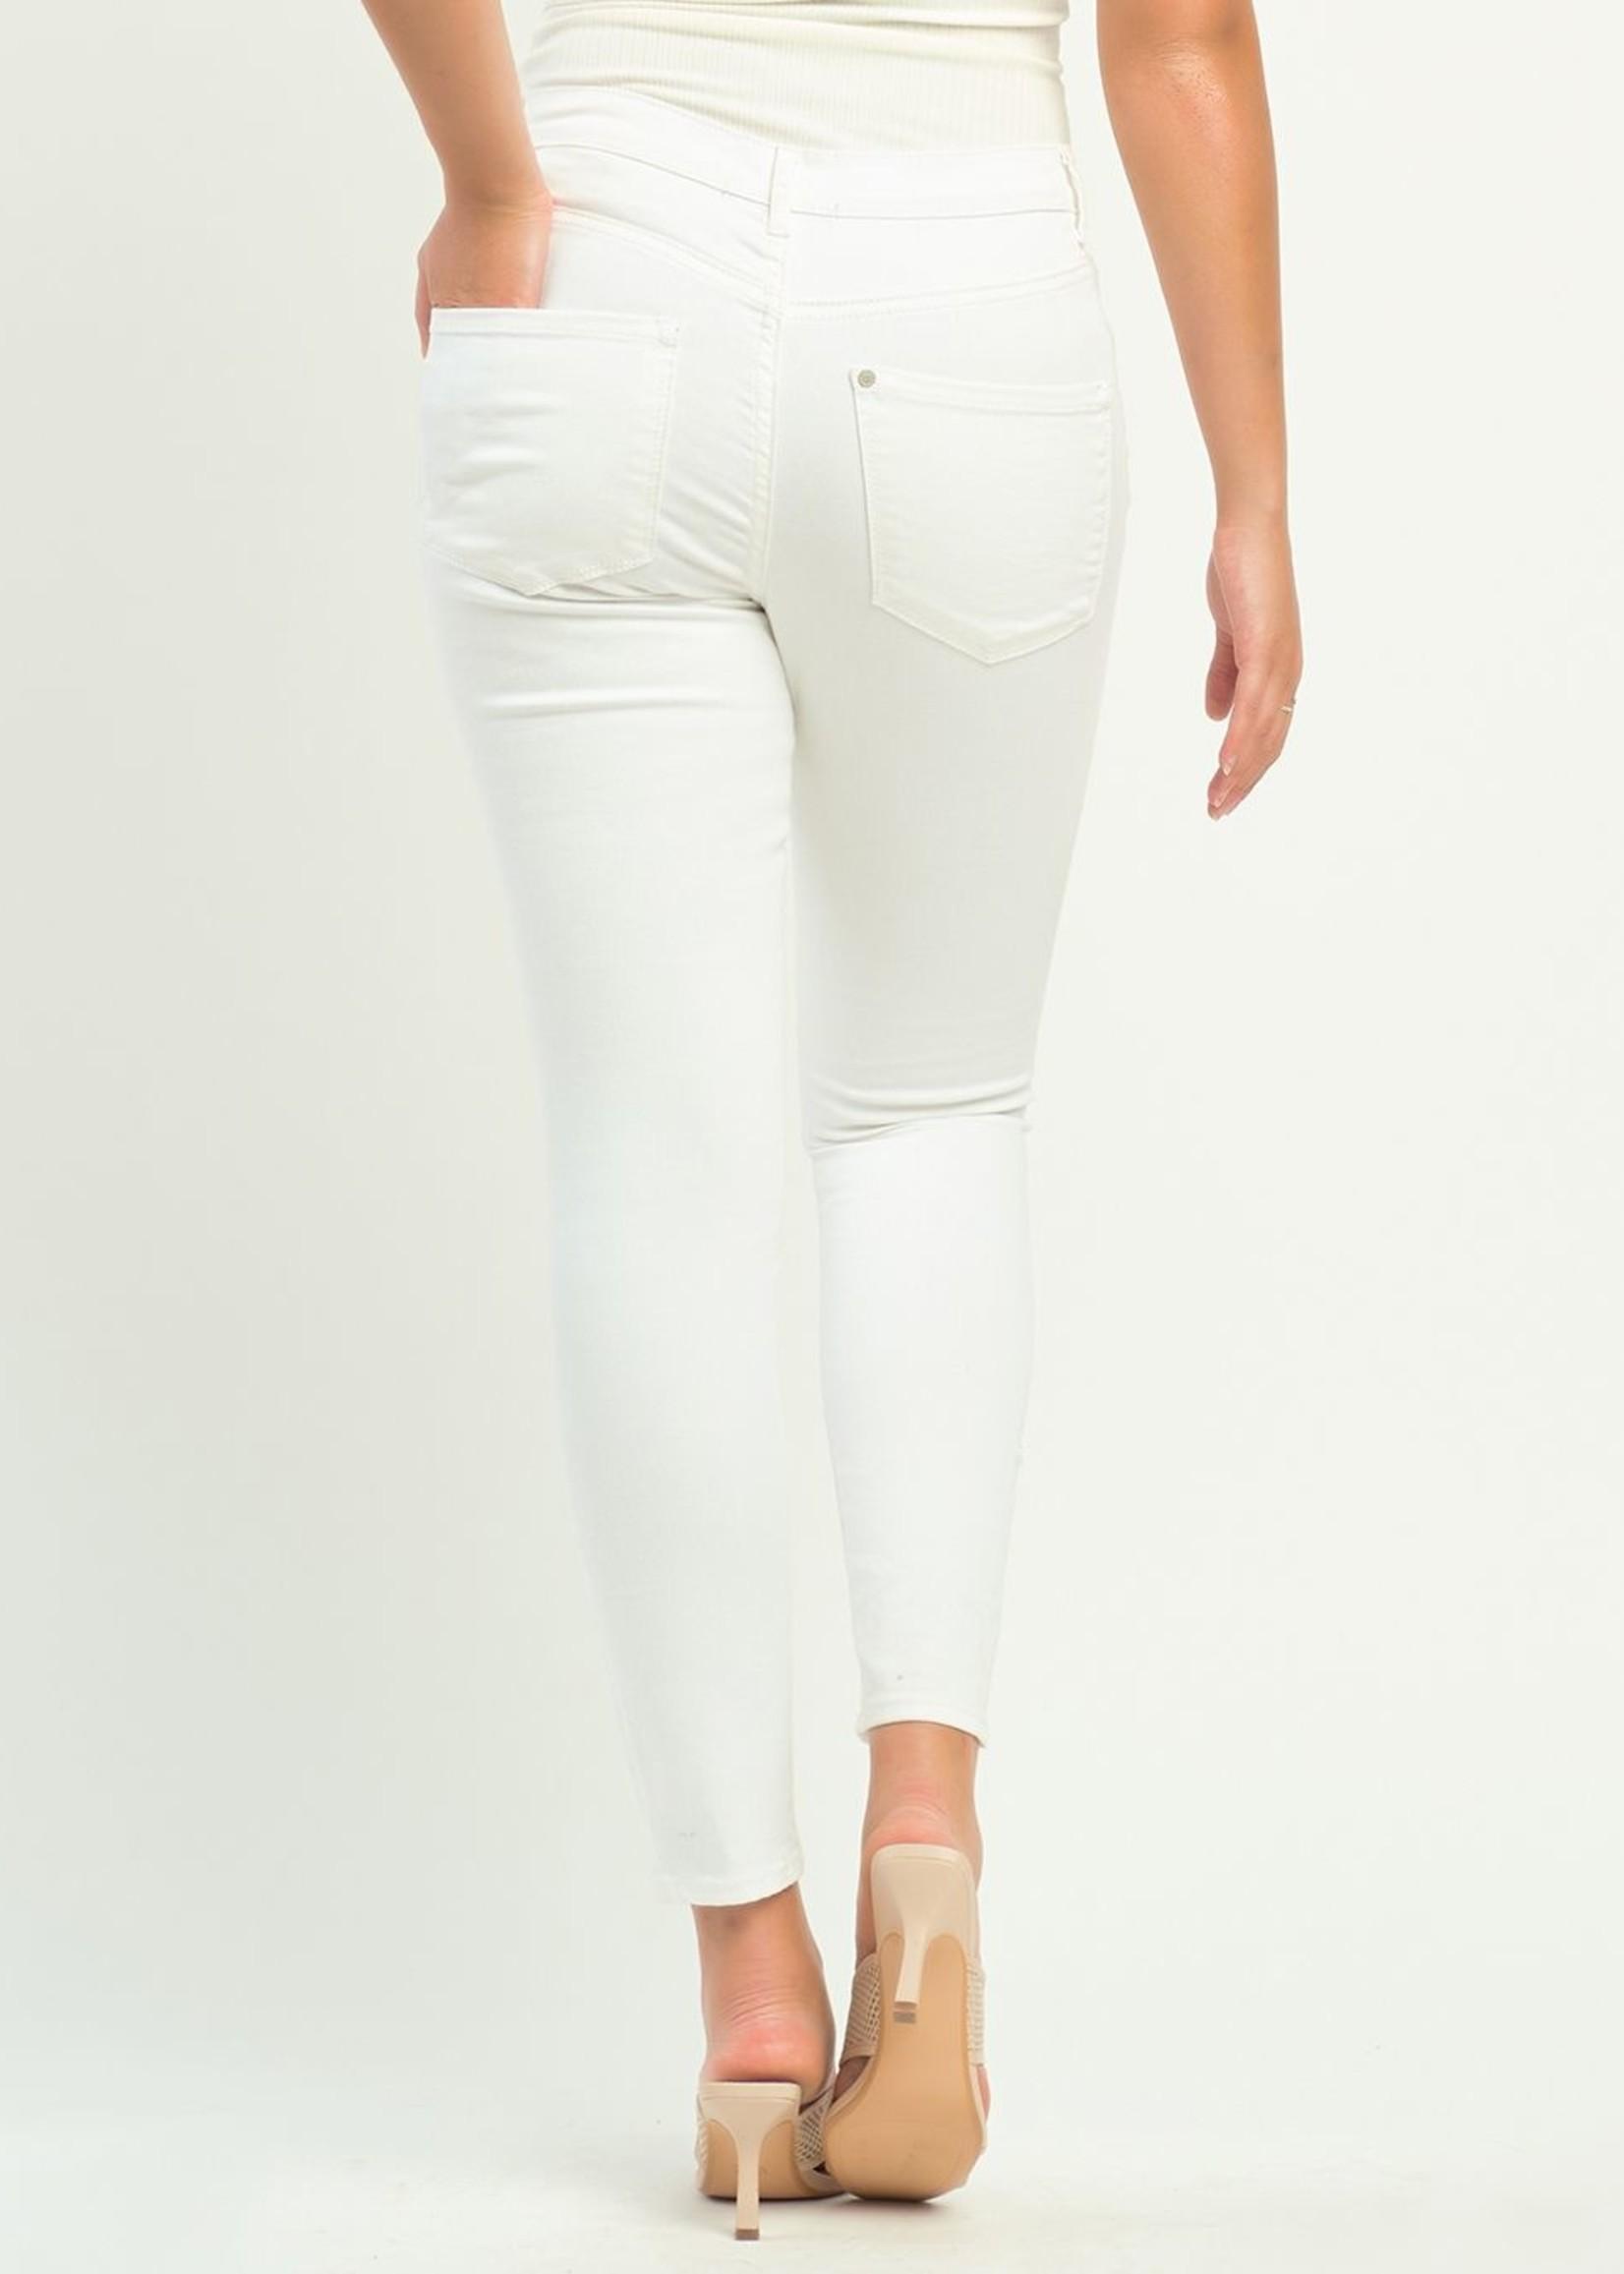 5-Pocket Skinny Jean